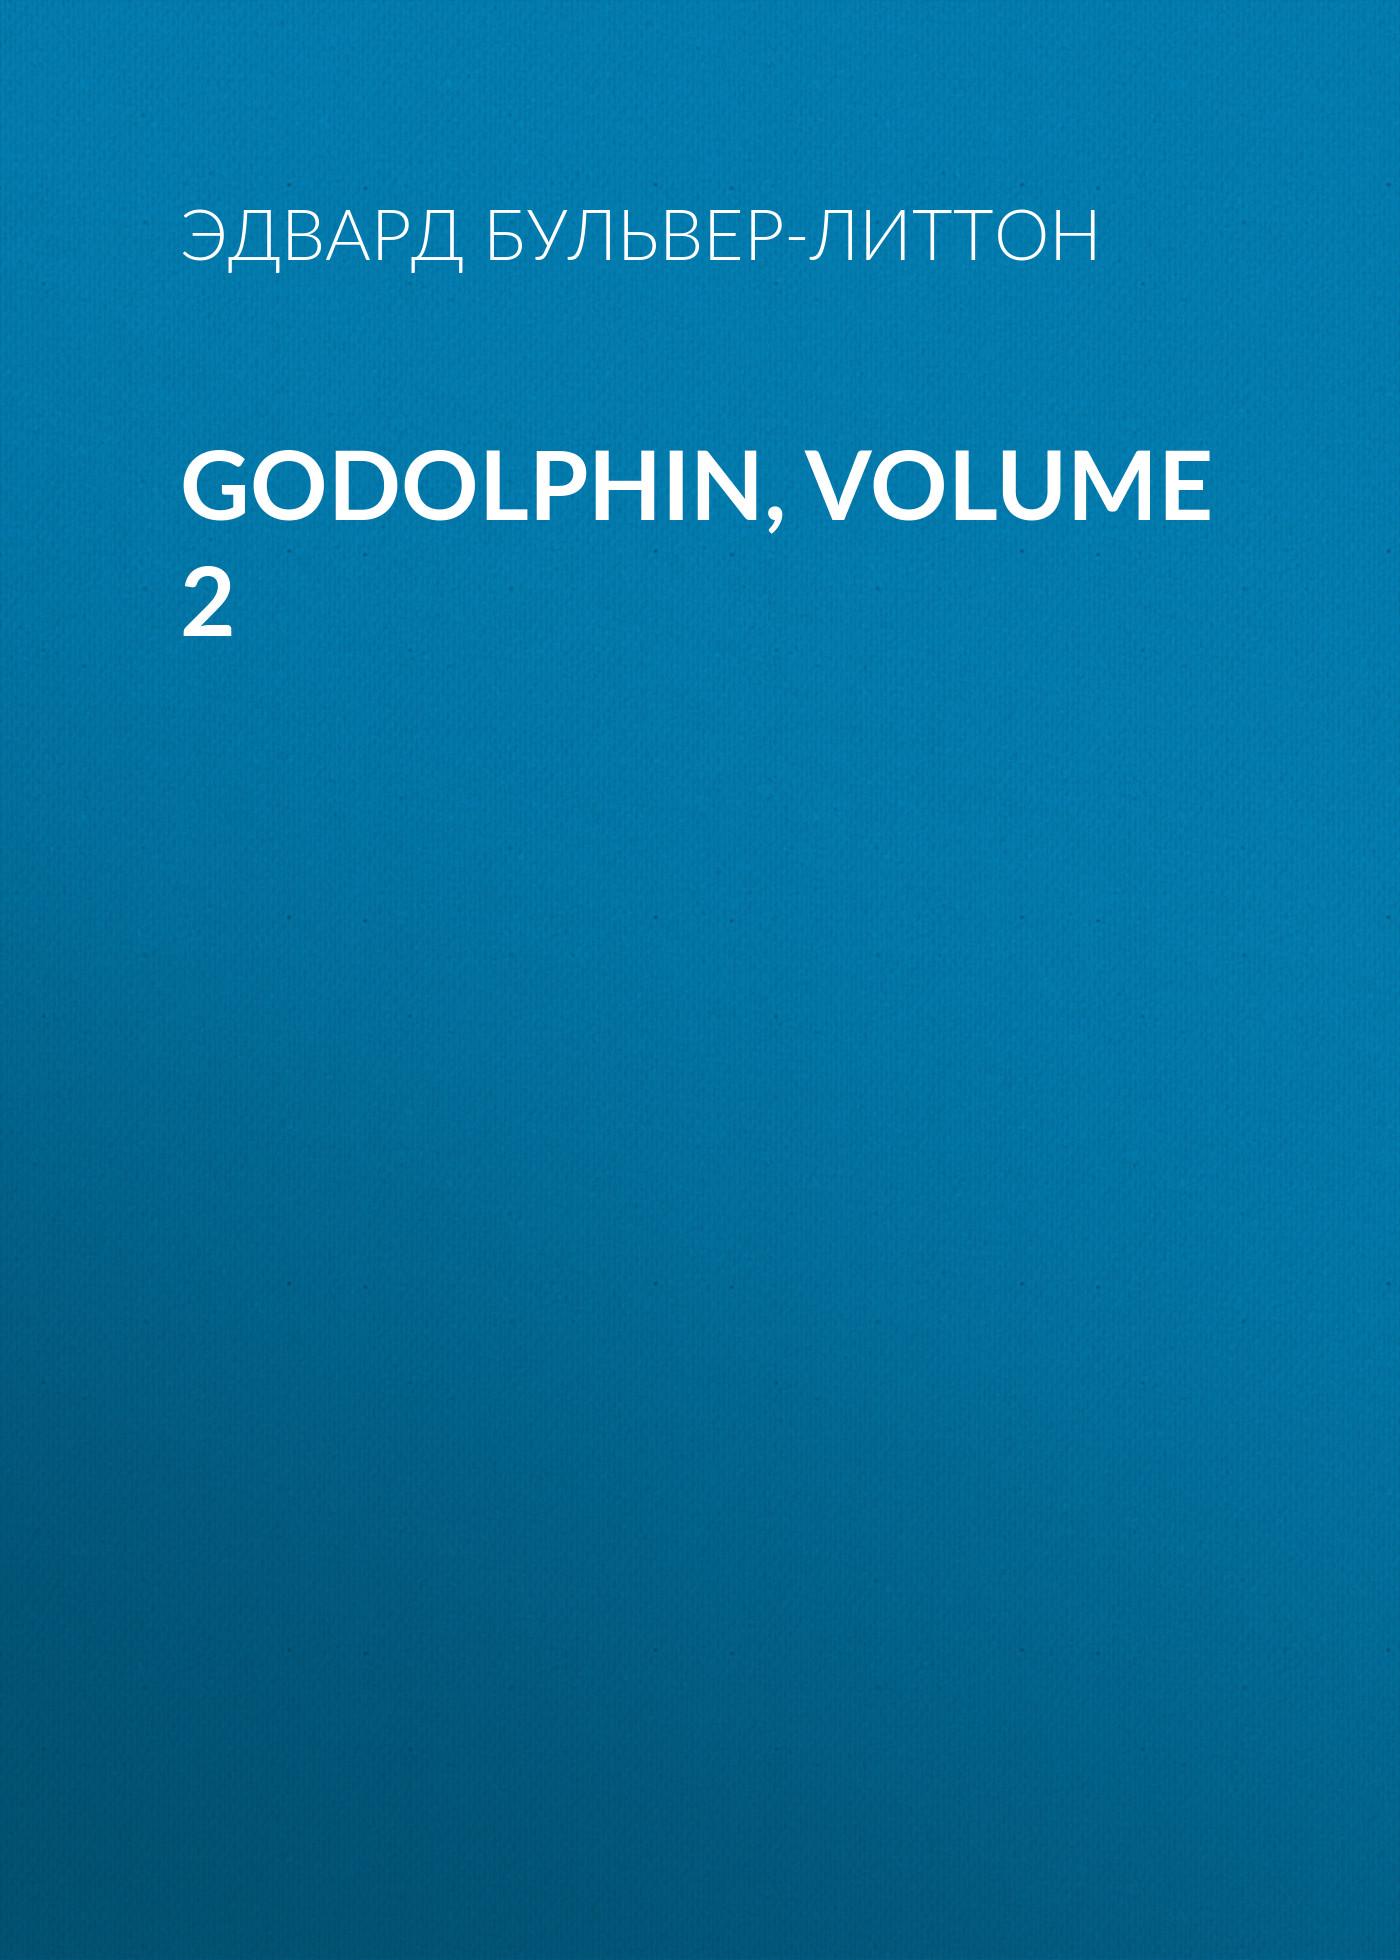 Эдвард Бульвер-Литтон Godolphin, Volume 2 эдвард бульвер литтон godolphin volume 2